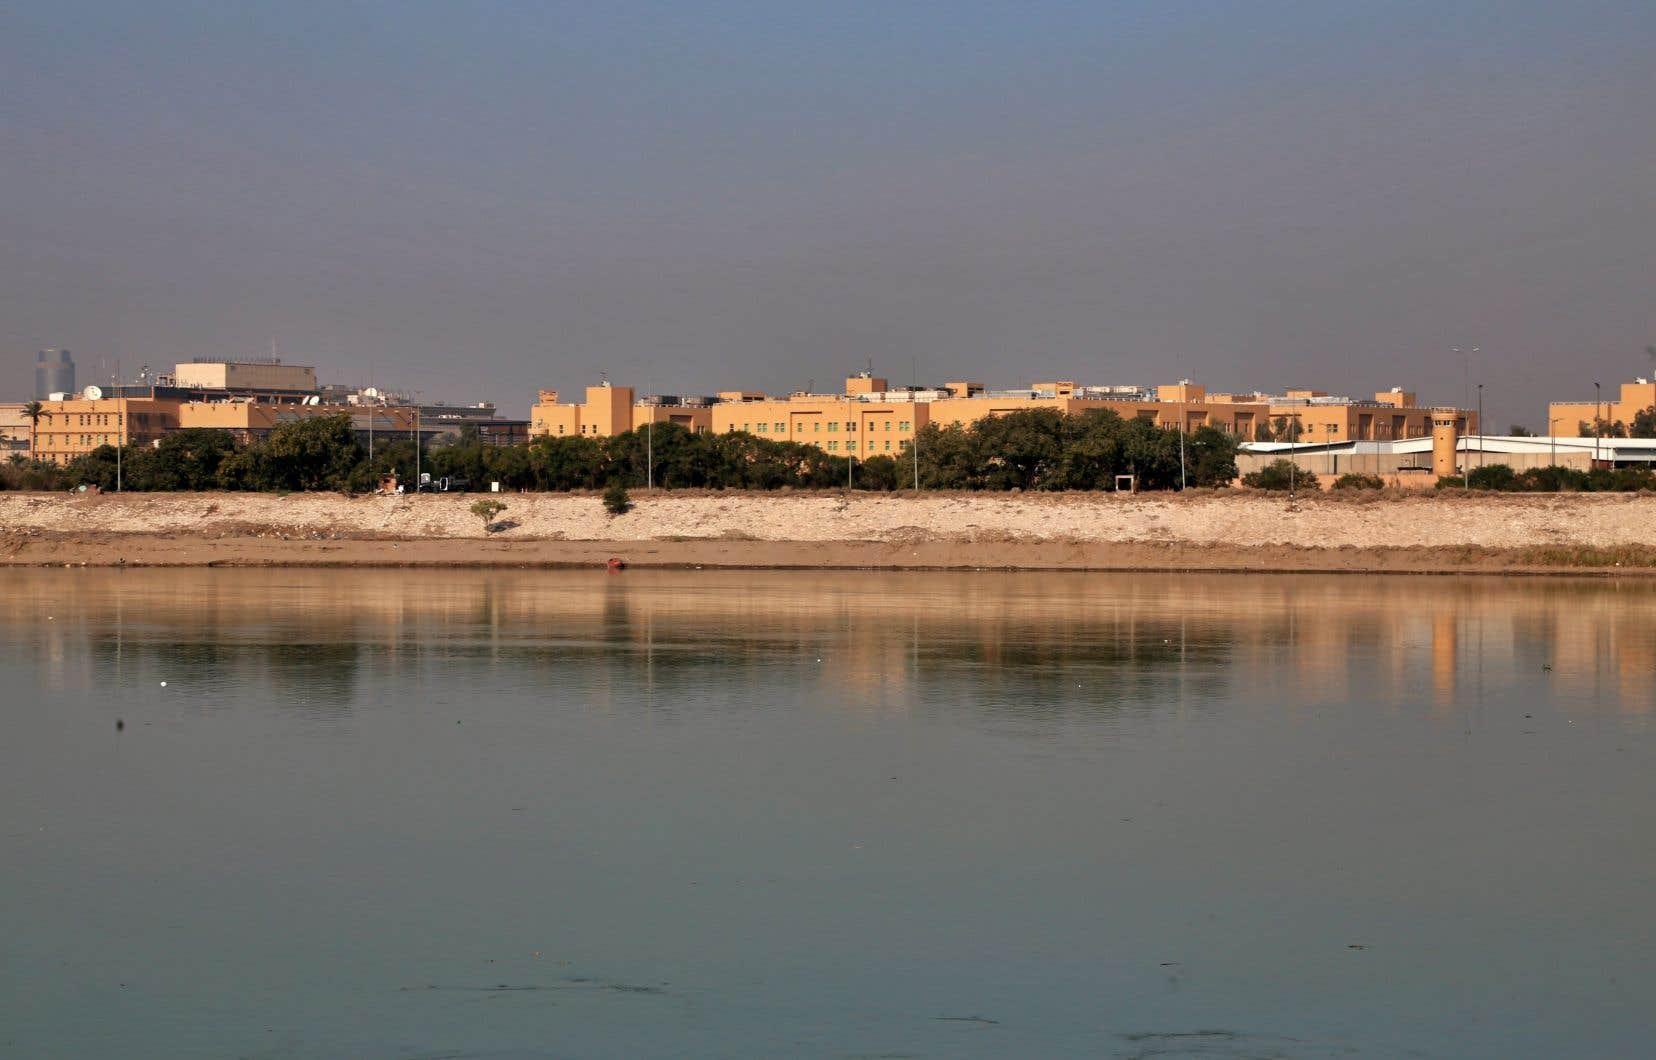 L'ambassade américaine de Bagdad vue de l'autre rive du Tigre